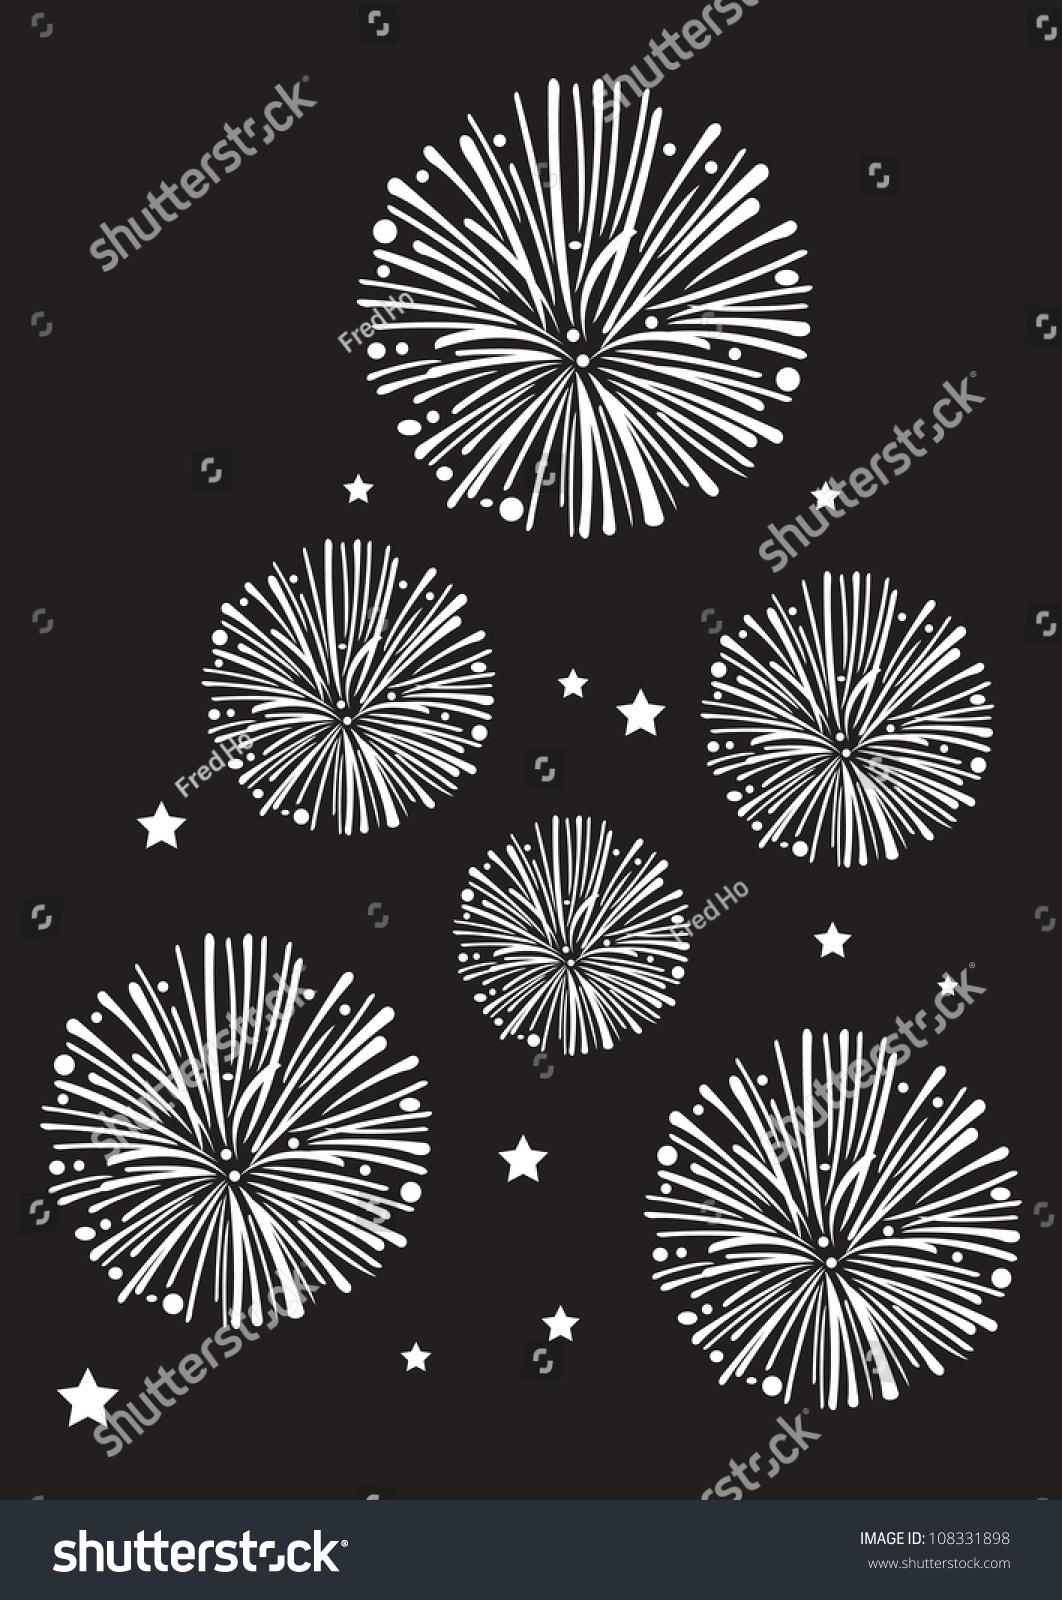 Black White Fireworks Vector Stock Vector 108331898 ...